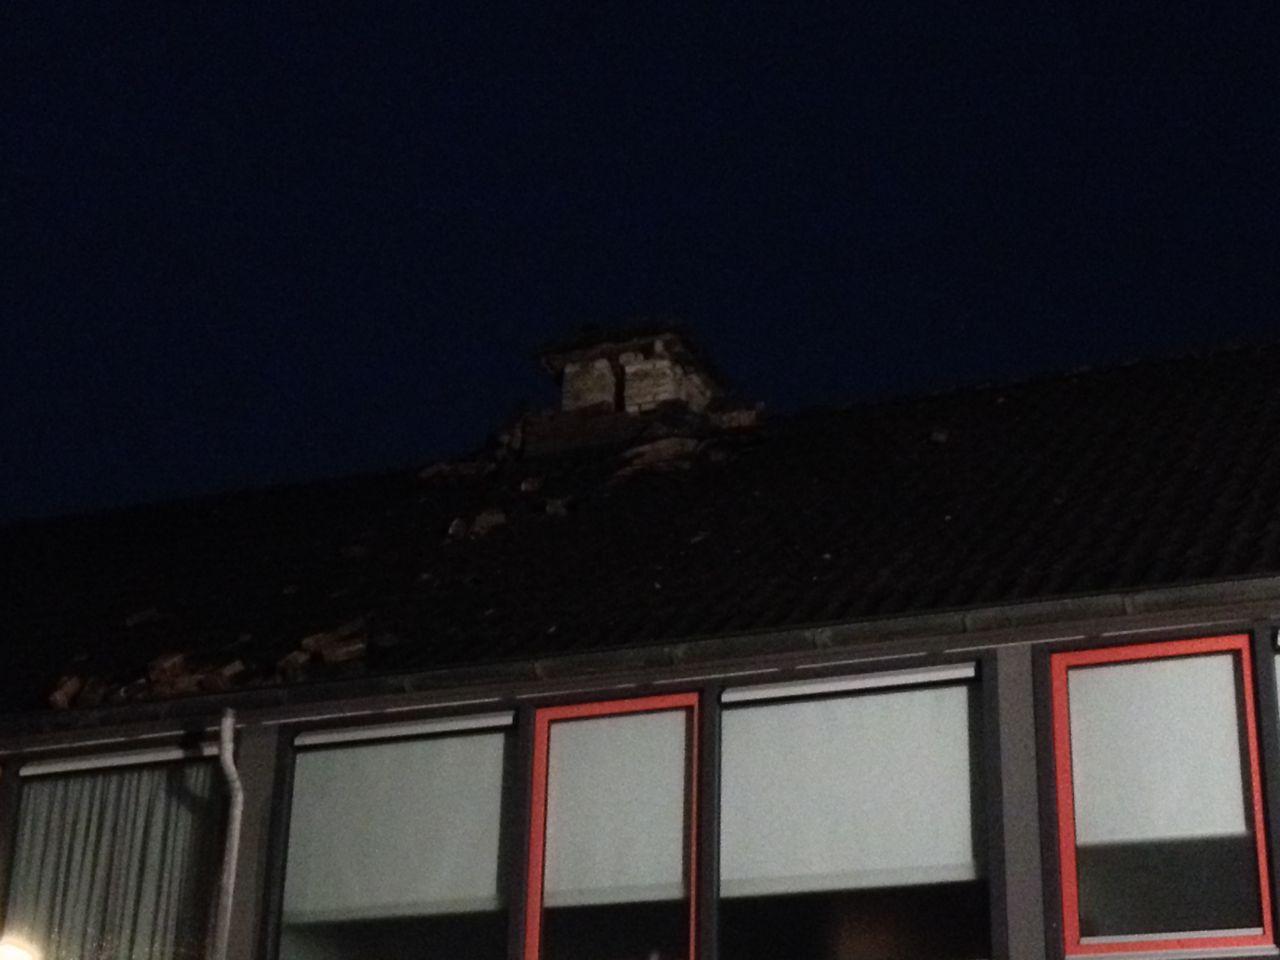 Bliksem ingeslagen na zware onweersbui